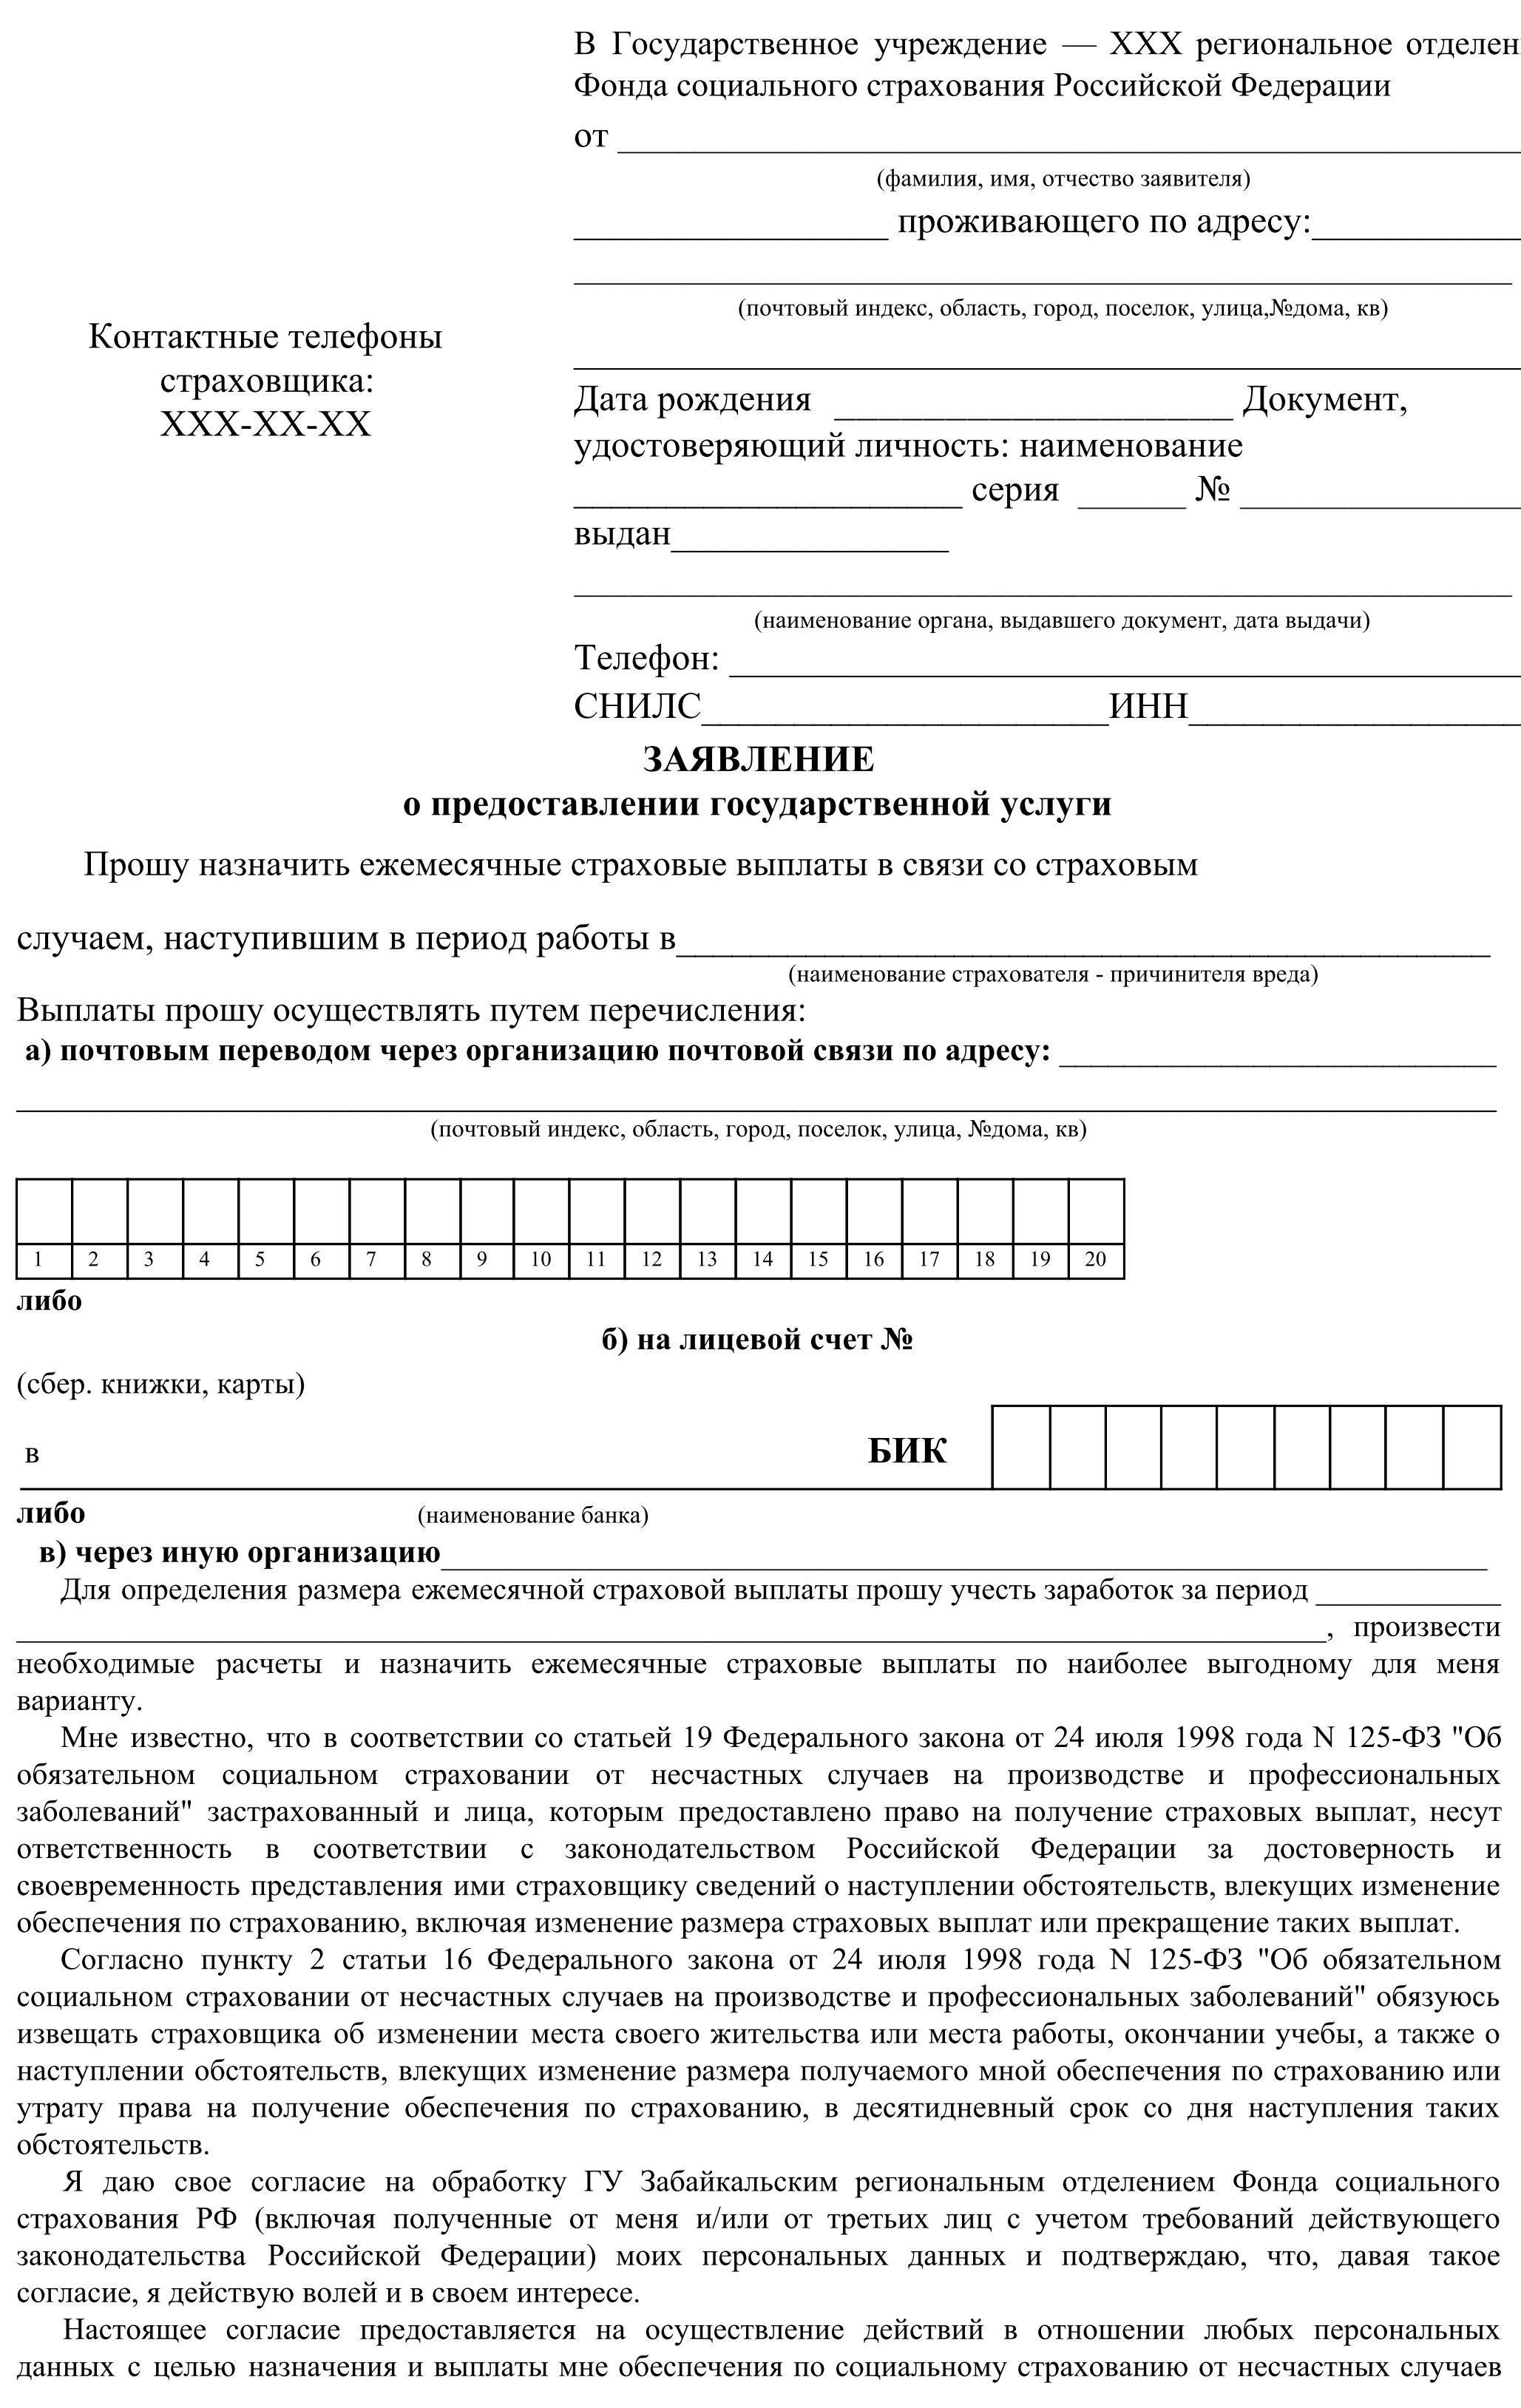 Образец претензионного письма поставщику по качеству товара